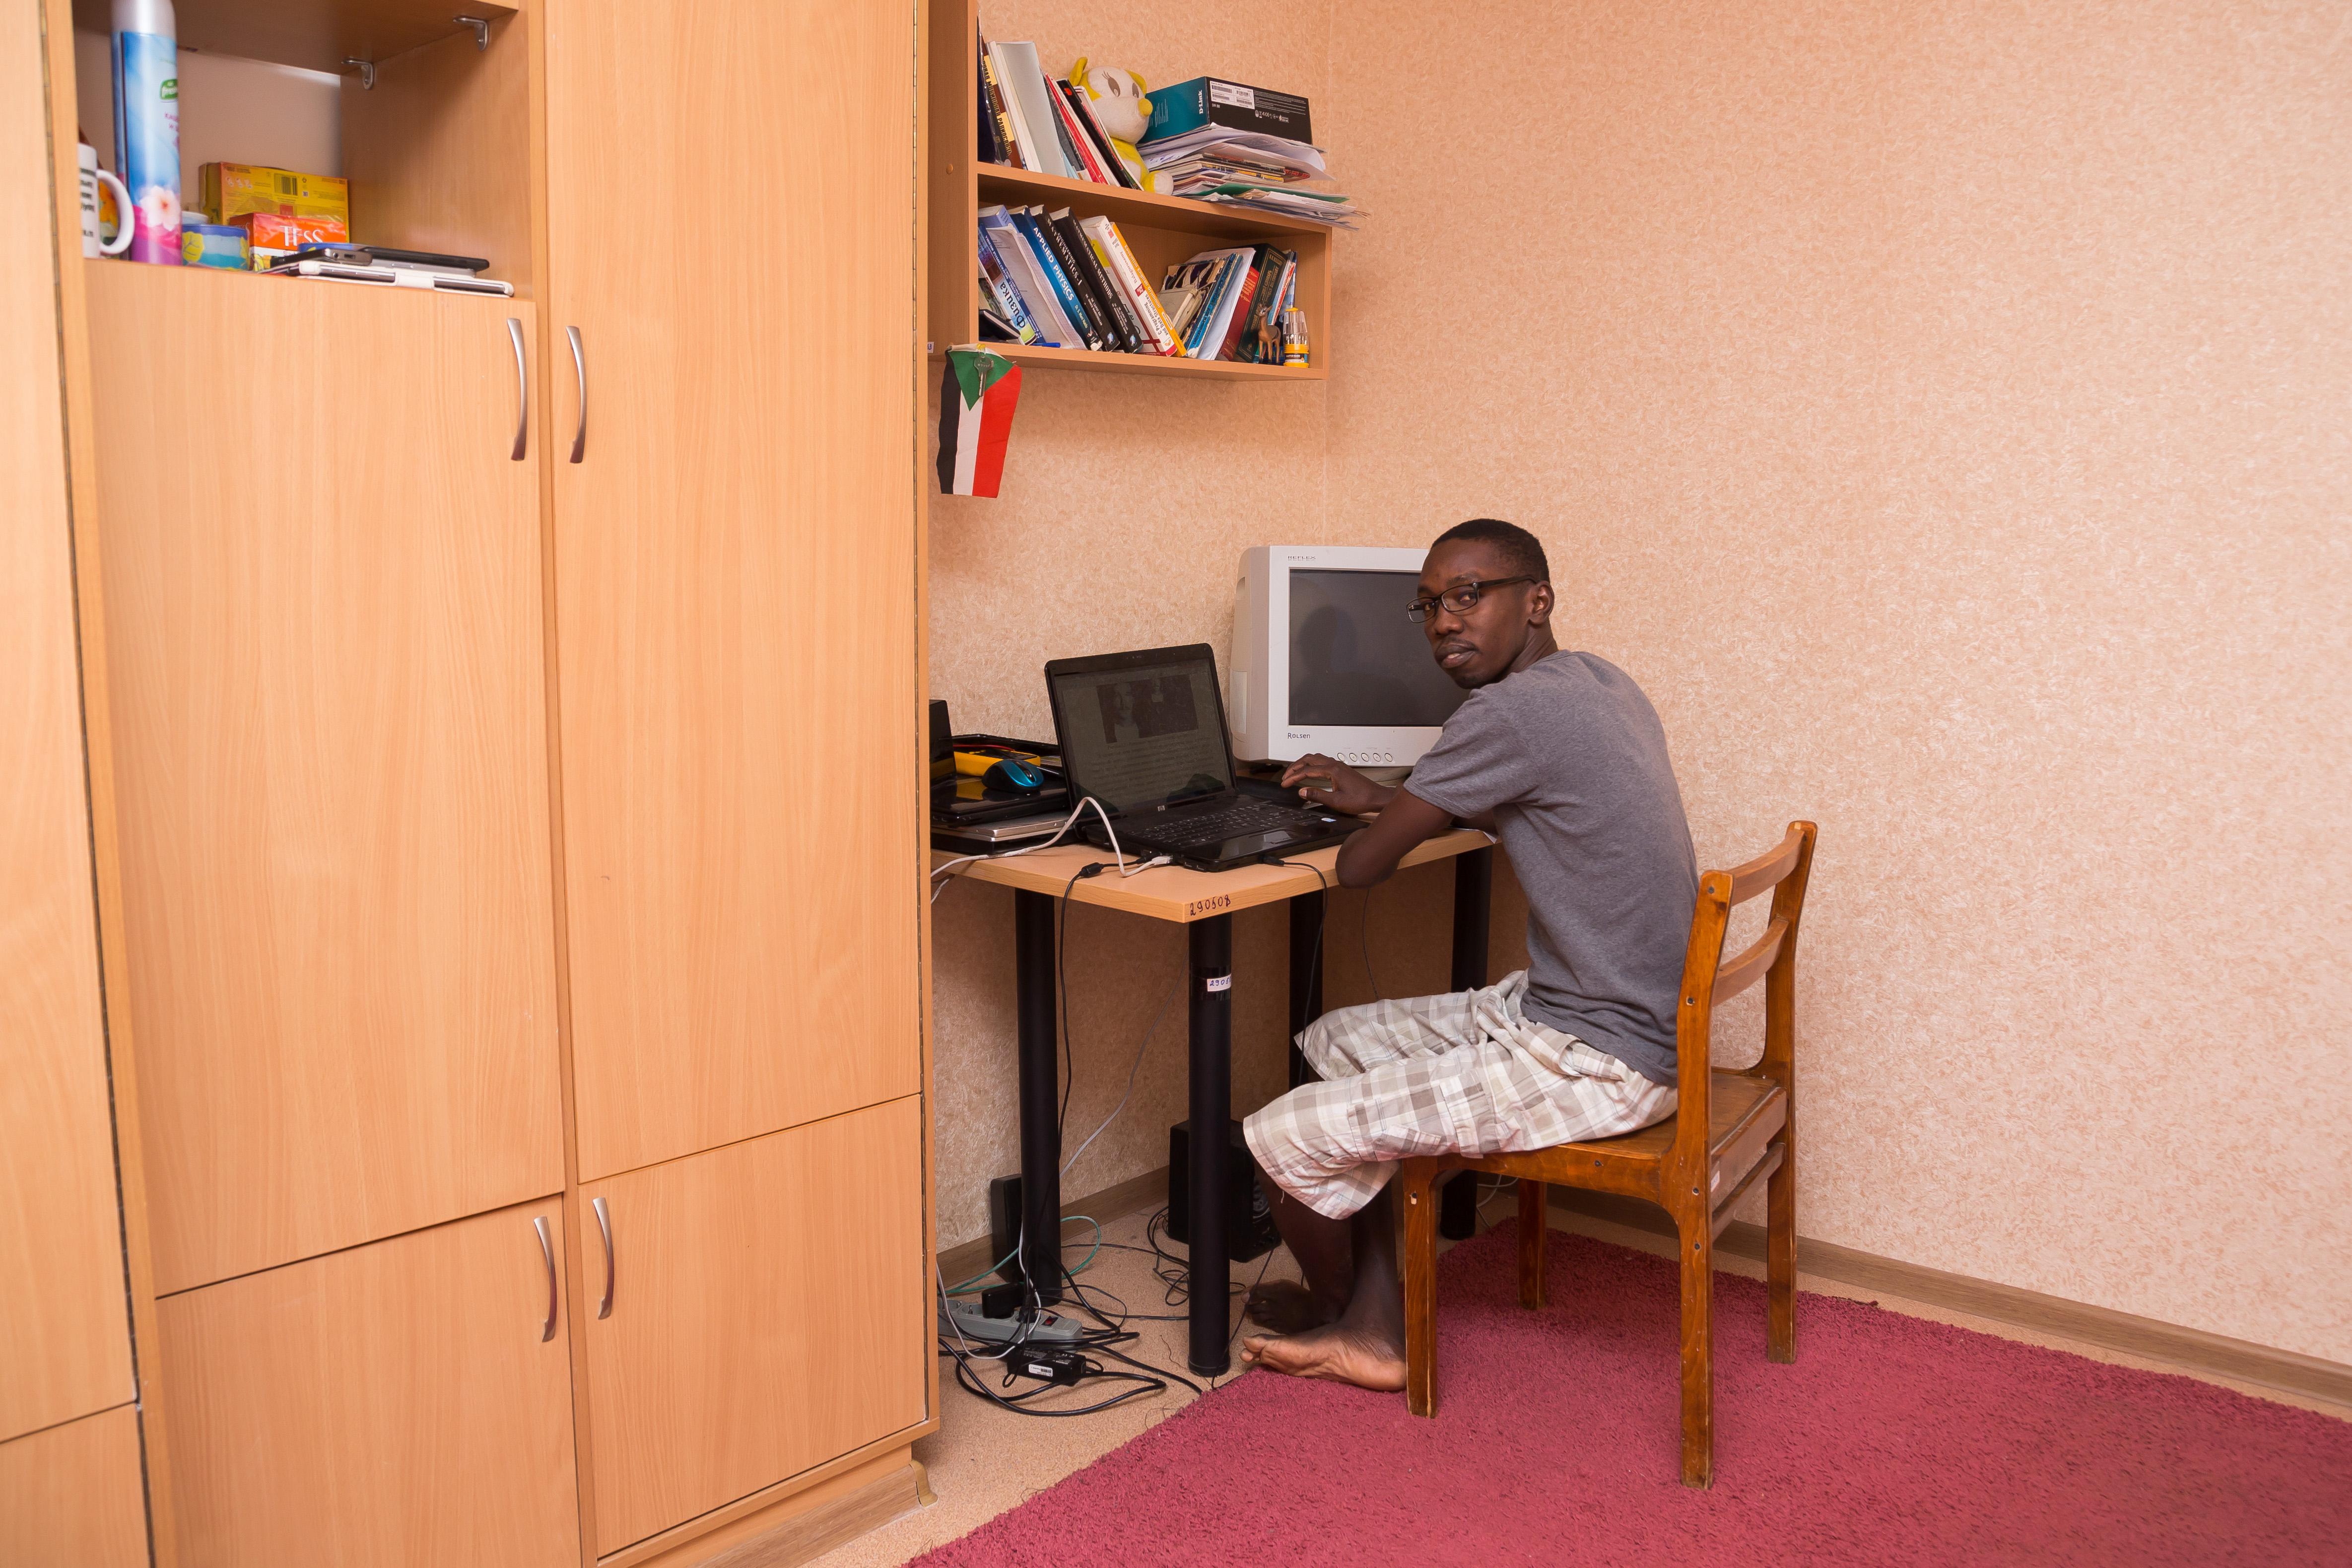 Секс студентов в общежитии, Русское порно в общаге - секс студентов в общежитии 27 фотография